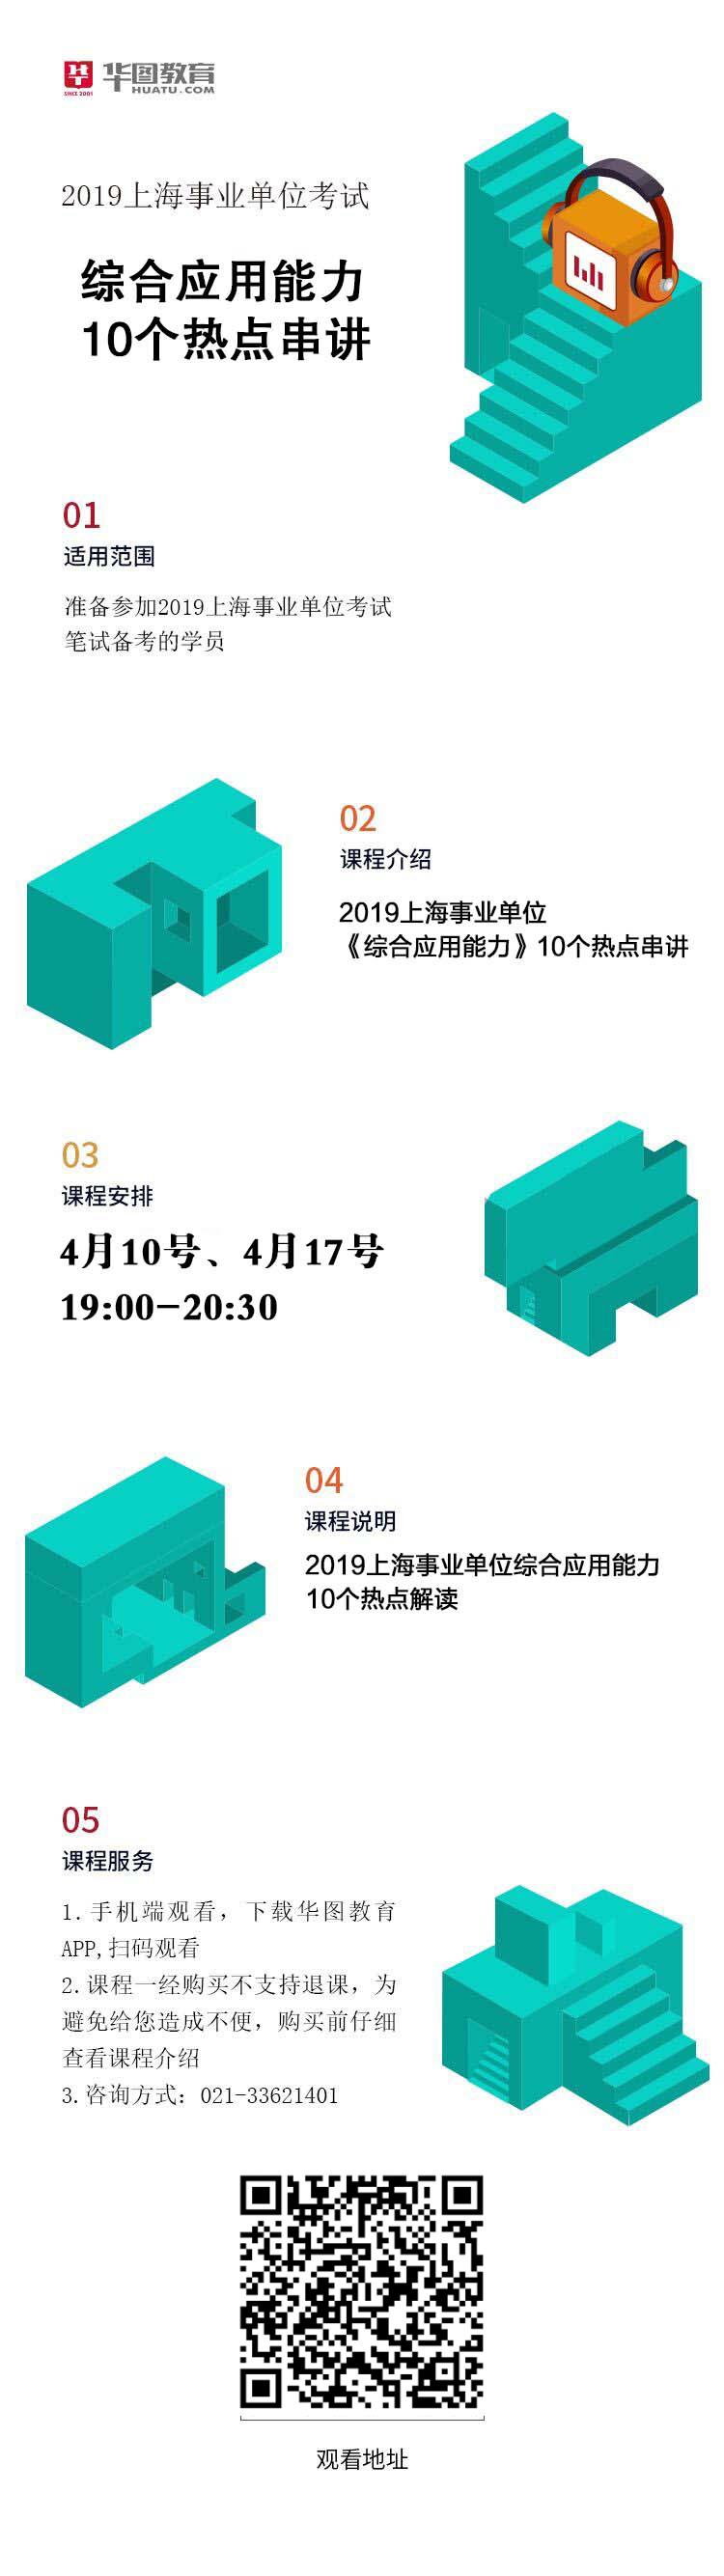 2019年上海事业单位考试直播